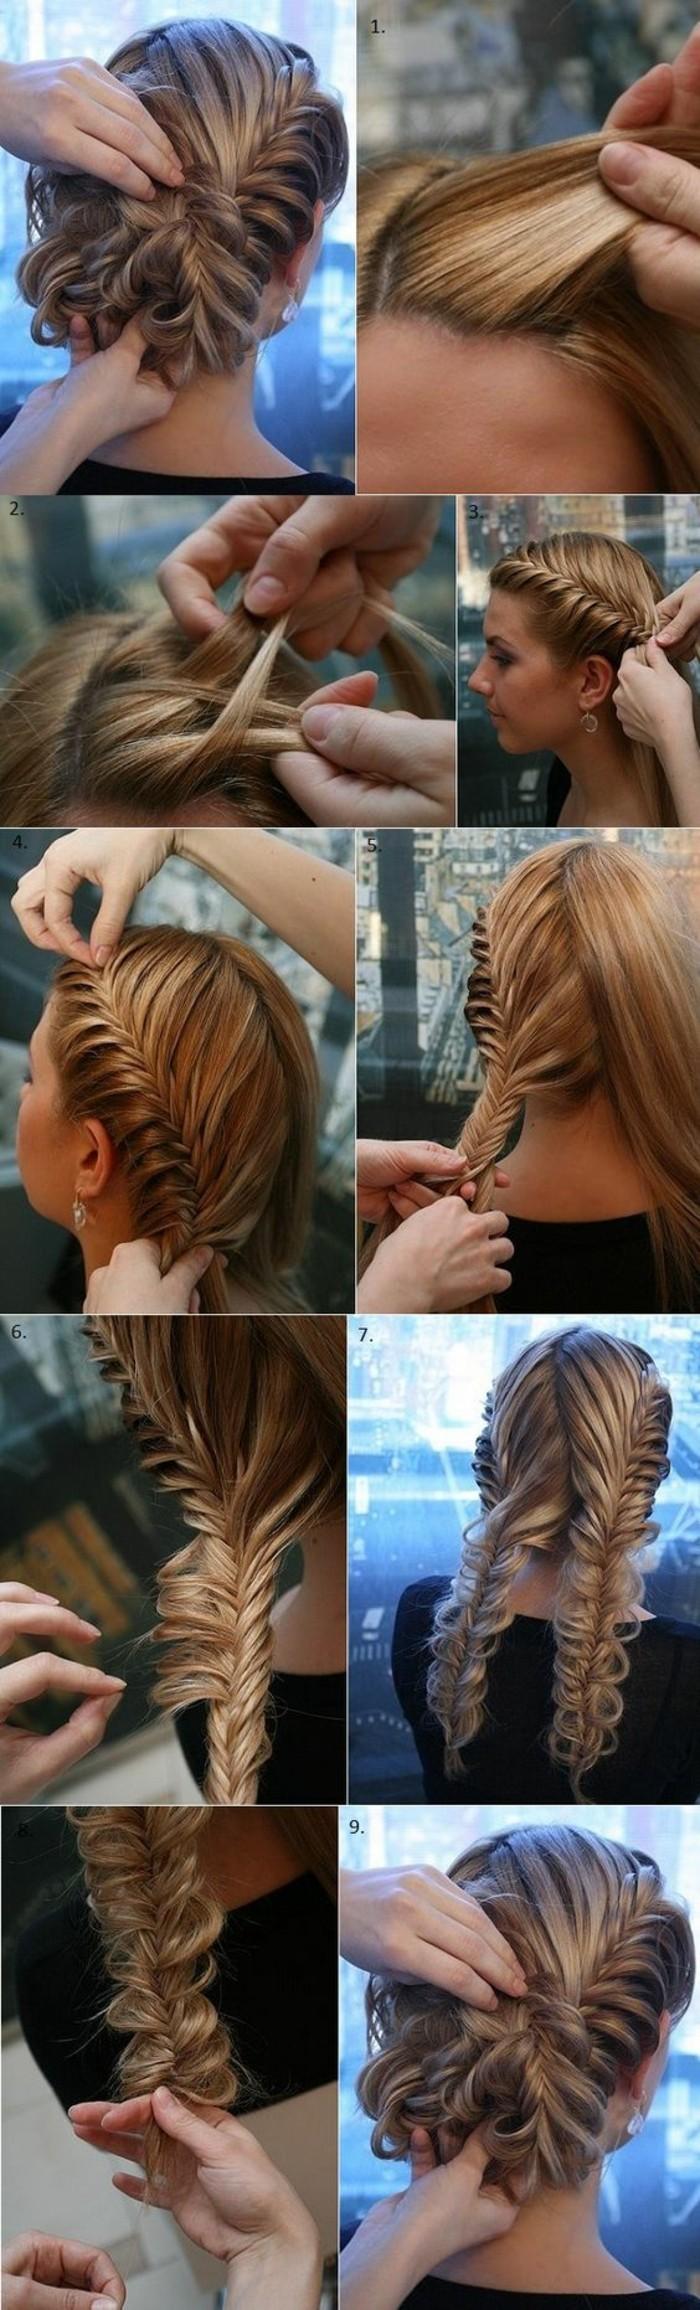 10-hochsteckfrisuren-anleitung-blonde-lange-haare-diy-frisur-zöpfe-binden-frau-ohrringe